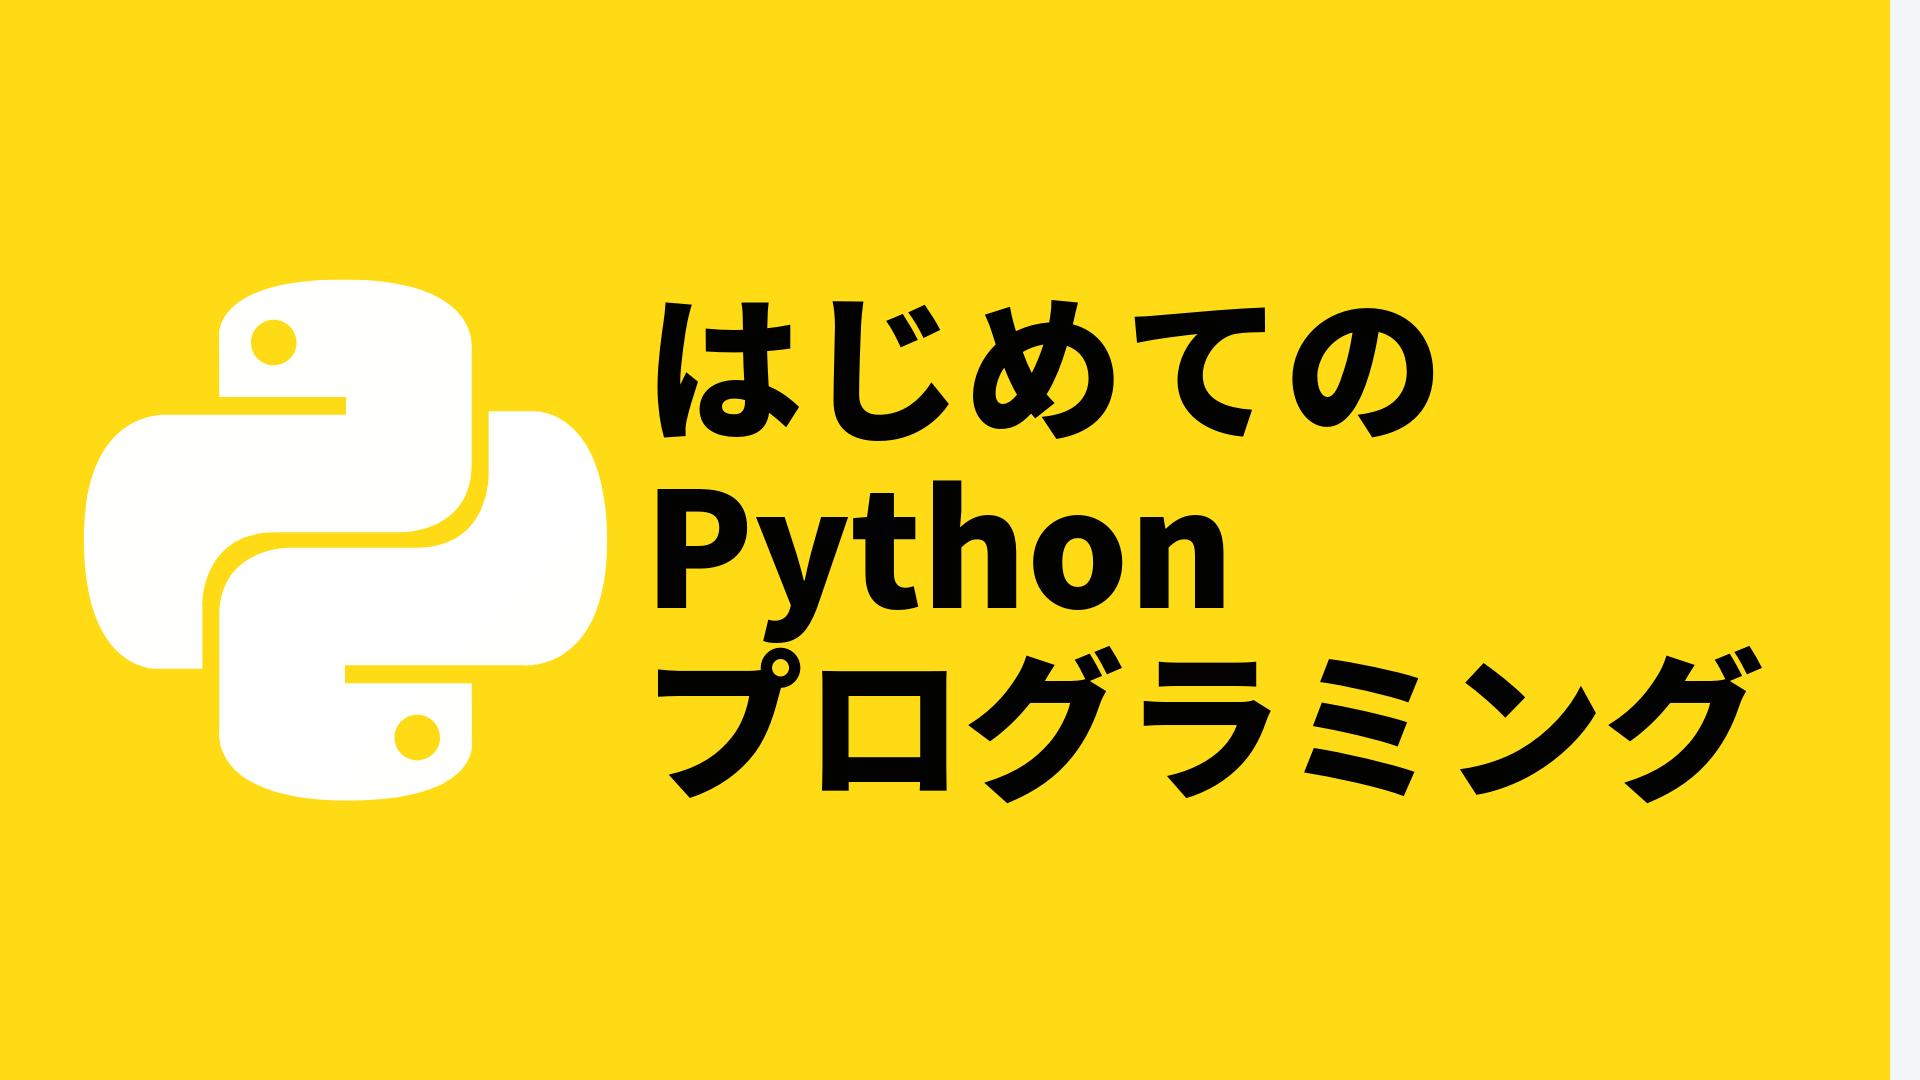 話題のプログラミング言語「Python」に挑戦してみませんか?